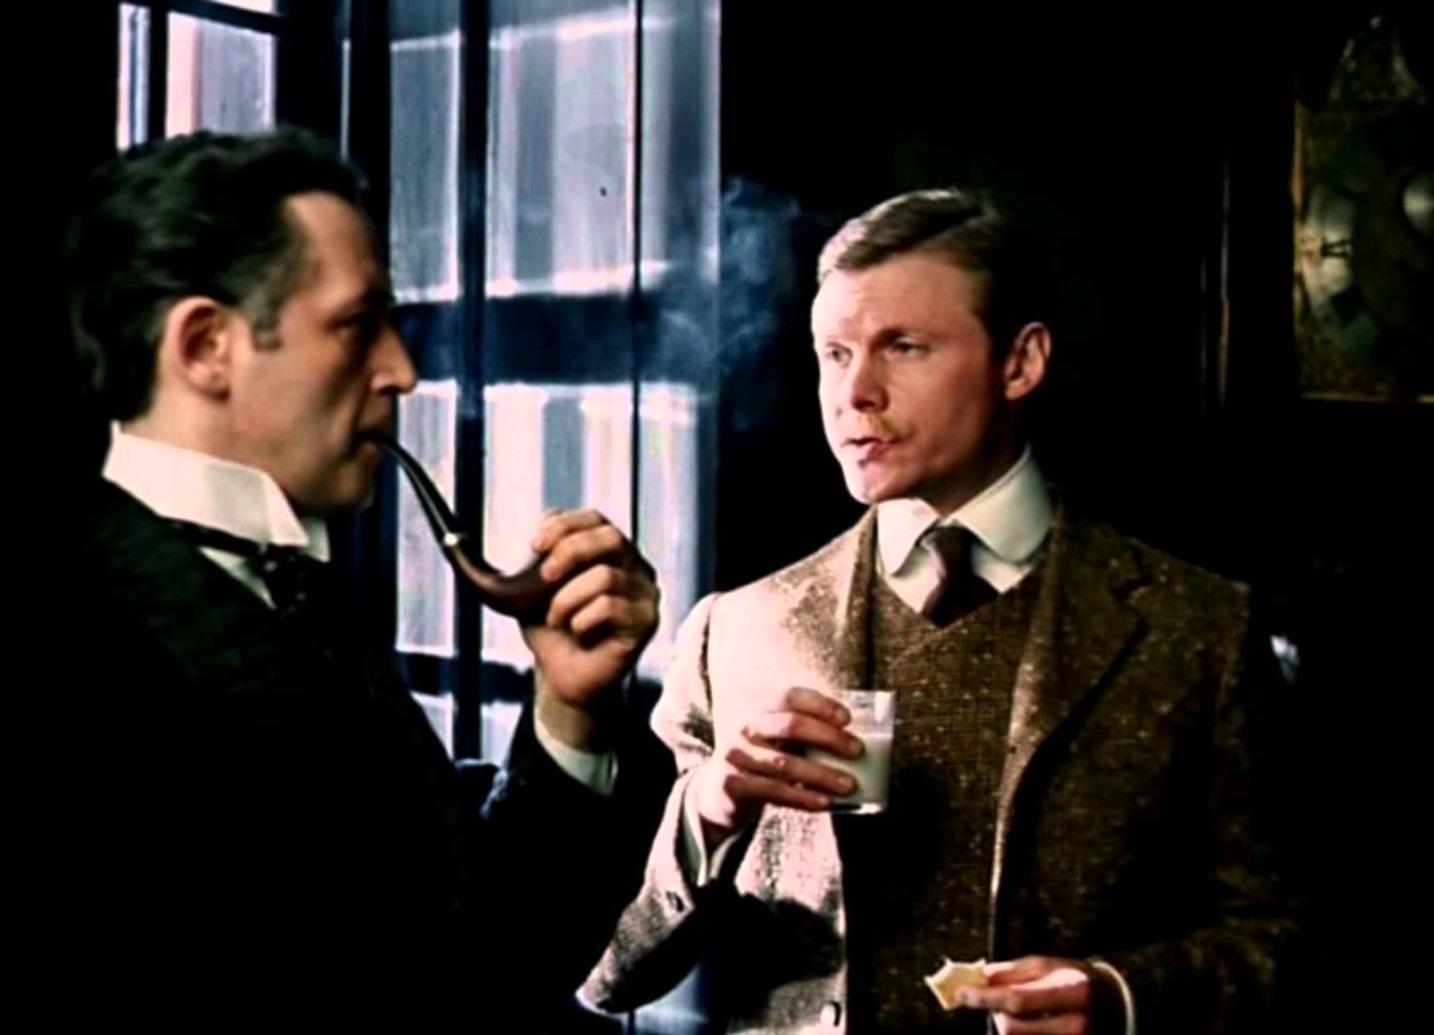 Шерлок Холмс: Игра теней (2011) смотреть онлайн бесплатно ...